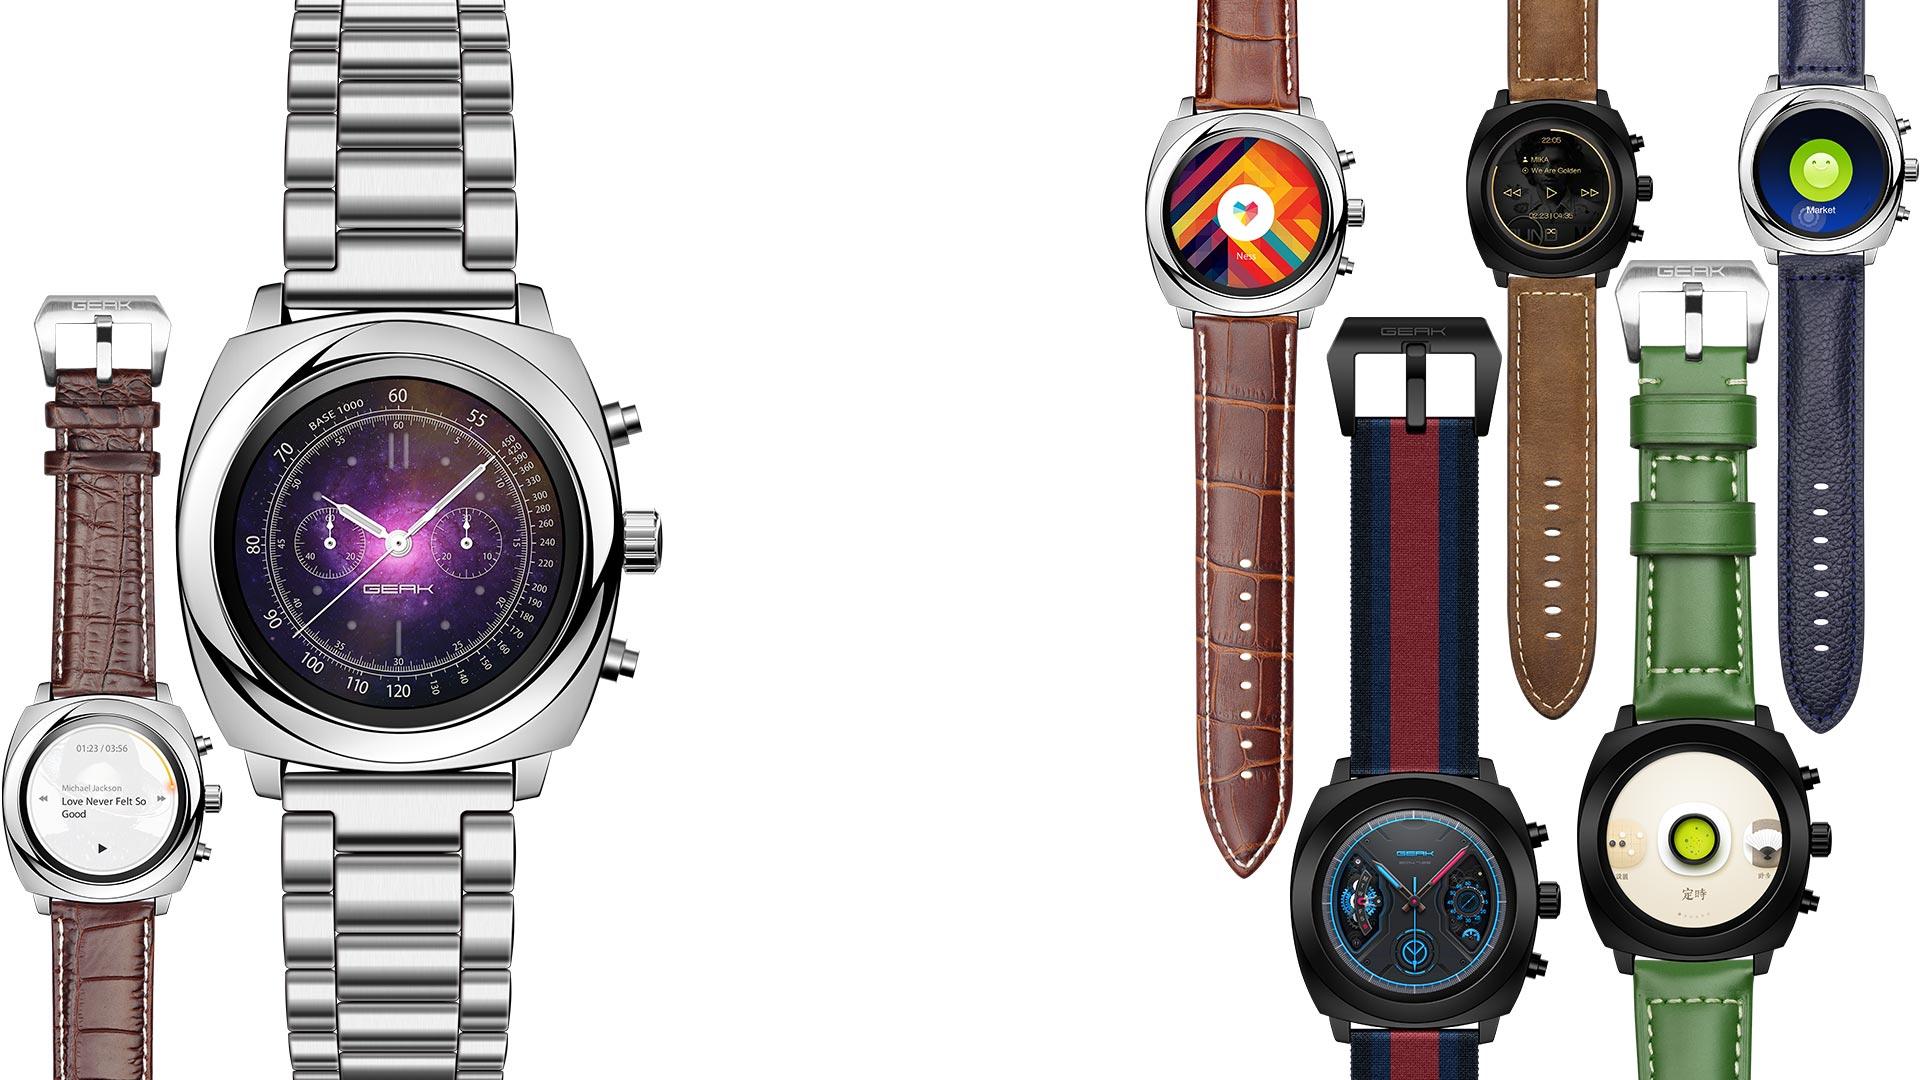 Geak Watch II: Smartwatch mit transflexivem Display und langer Akkulaufzeit - Geak Watch II (Bild: Geak)